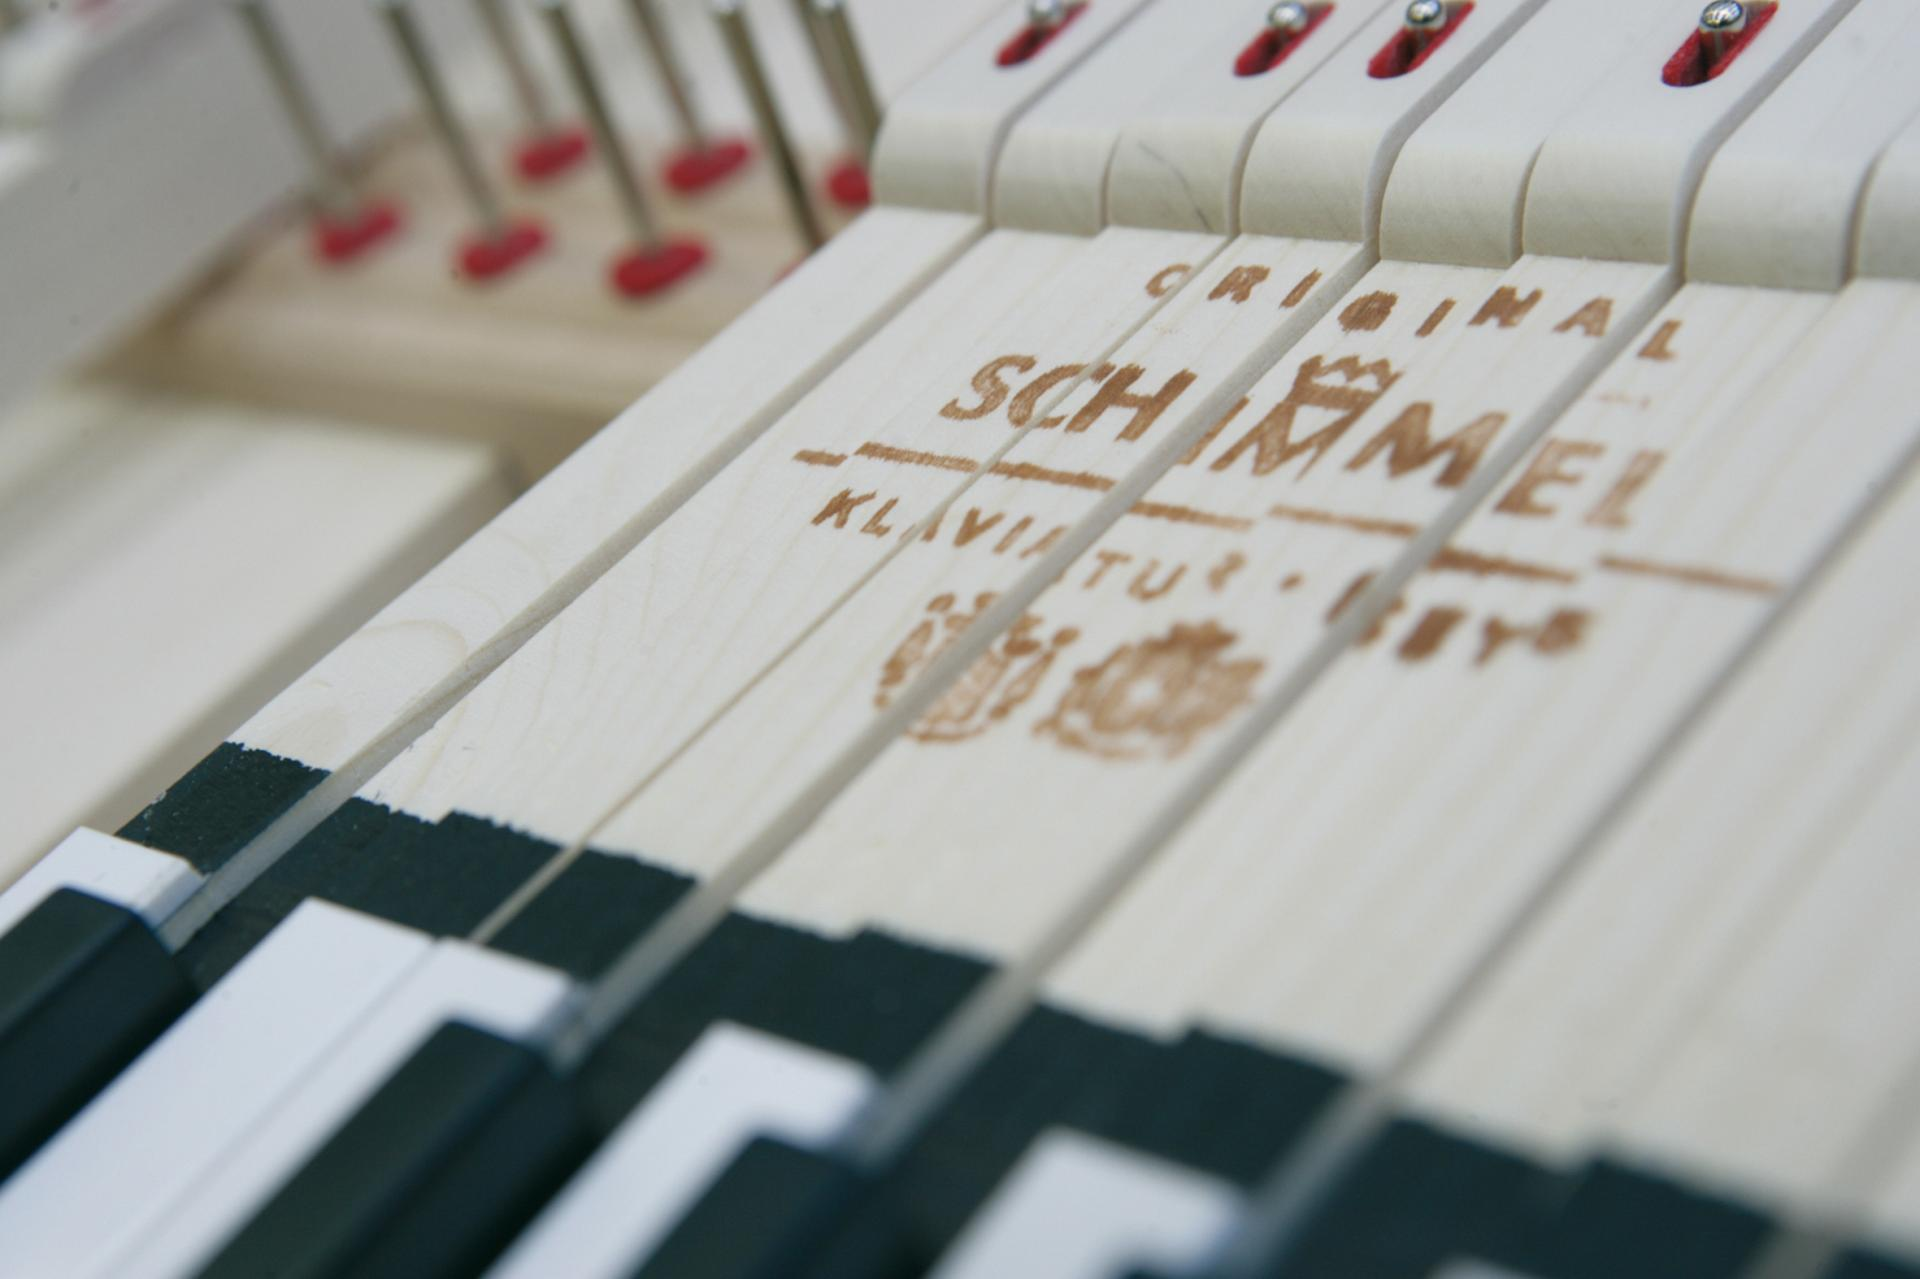 Schim clavier